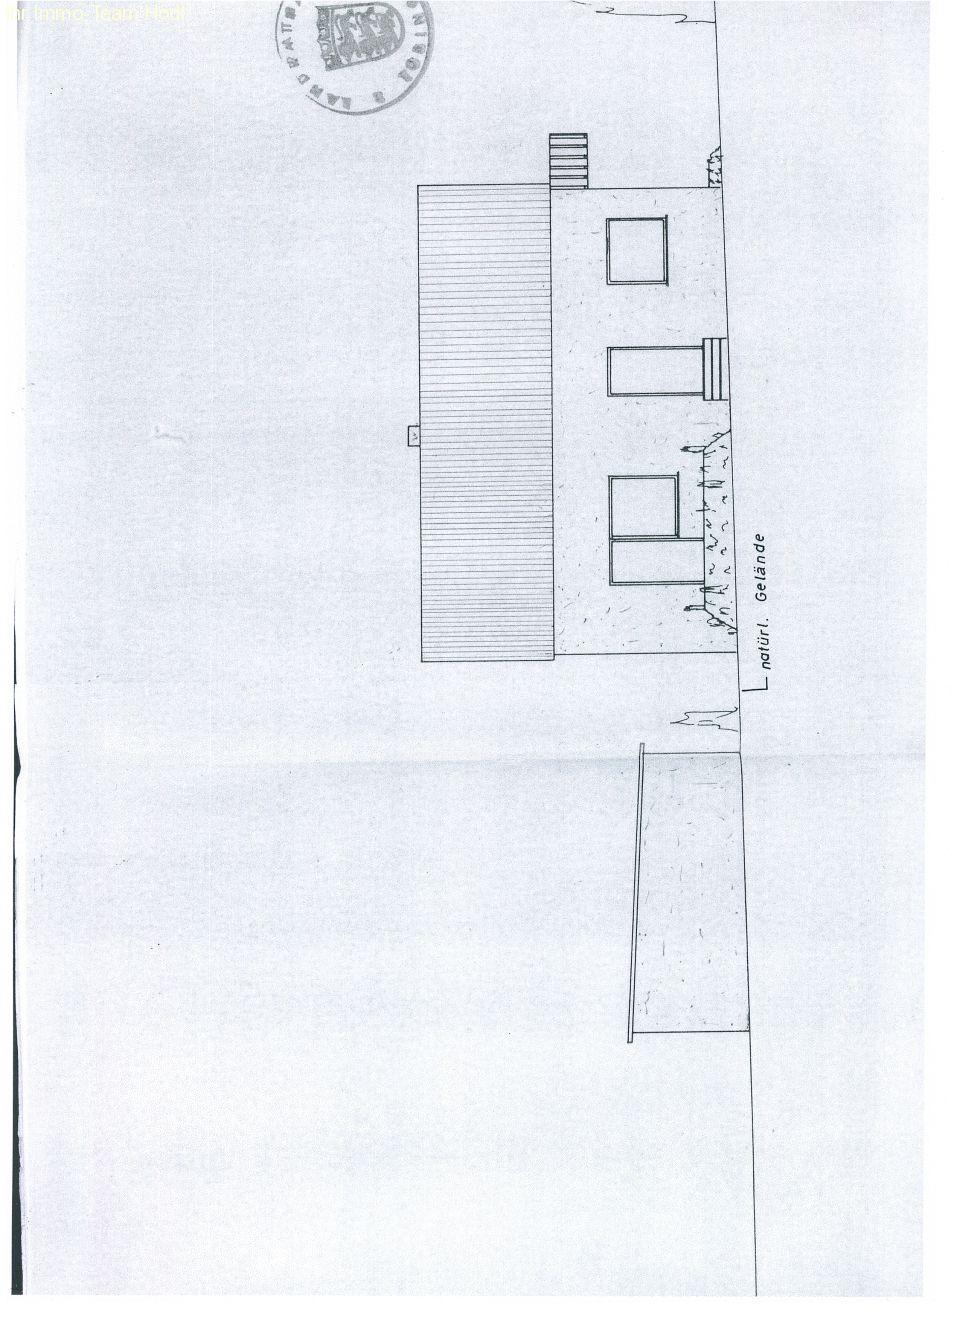 immobilien bodelshausen gartenliebhaber aufgepasst das k nnte ihr traumhaus werden. Black Bedroom Furniture Sets. Home Design Ideas